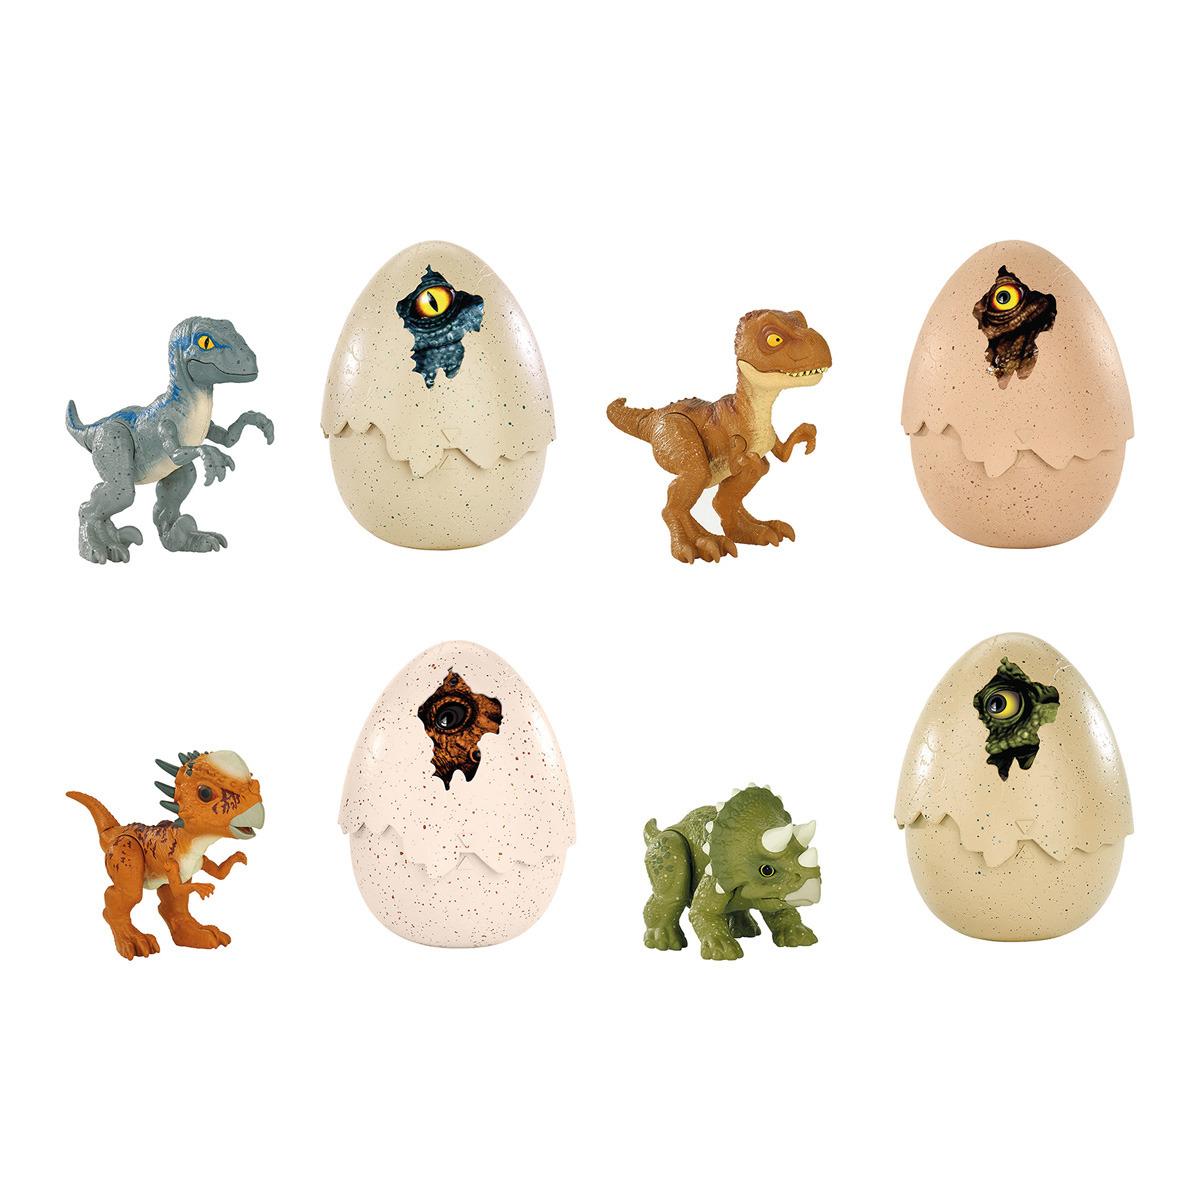 MATTEL Jurassic World Huevos de dinosaurio sorpresa